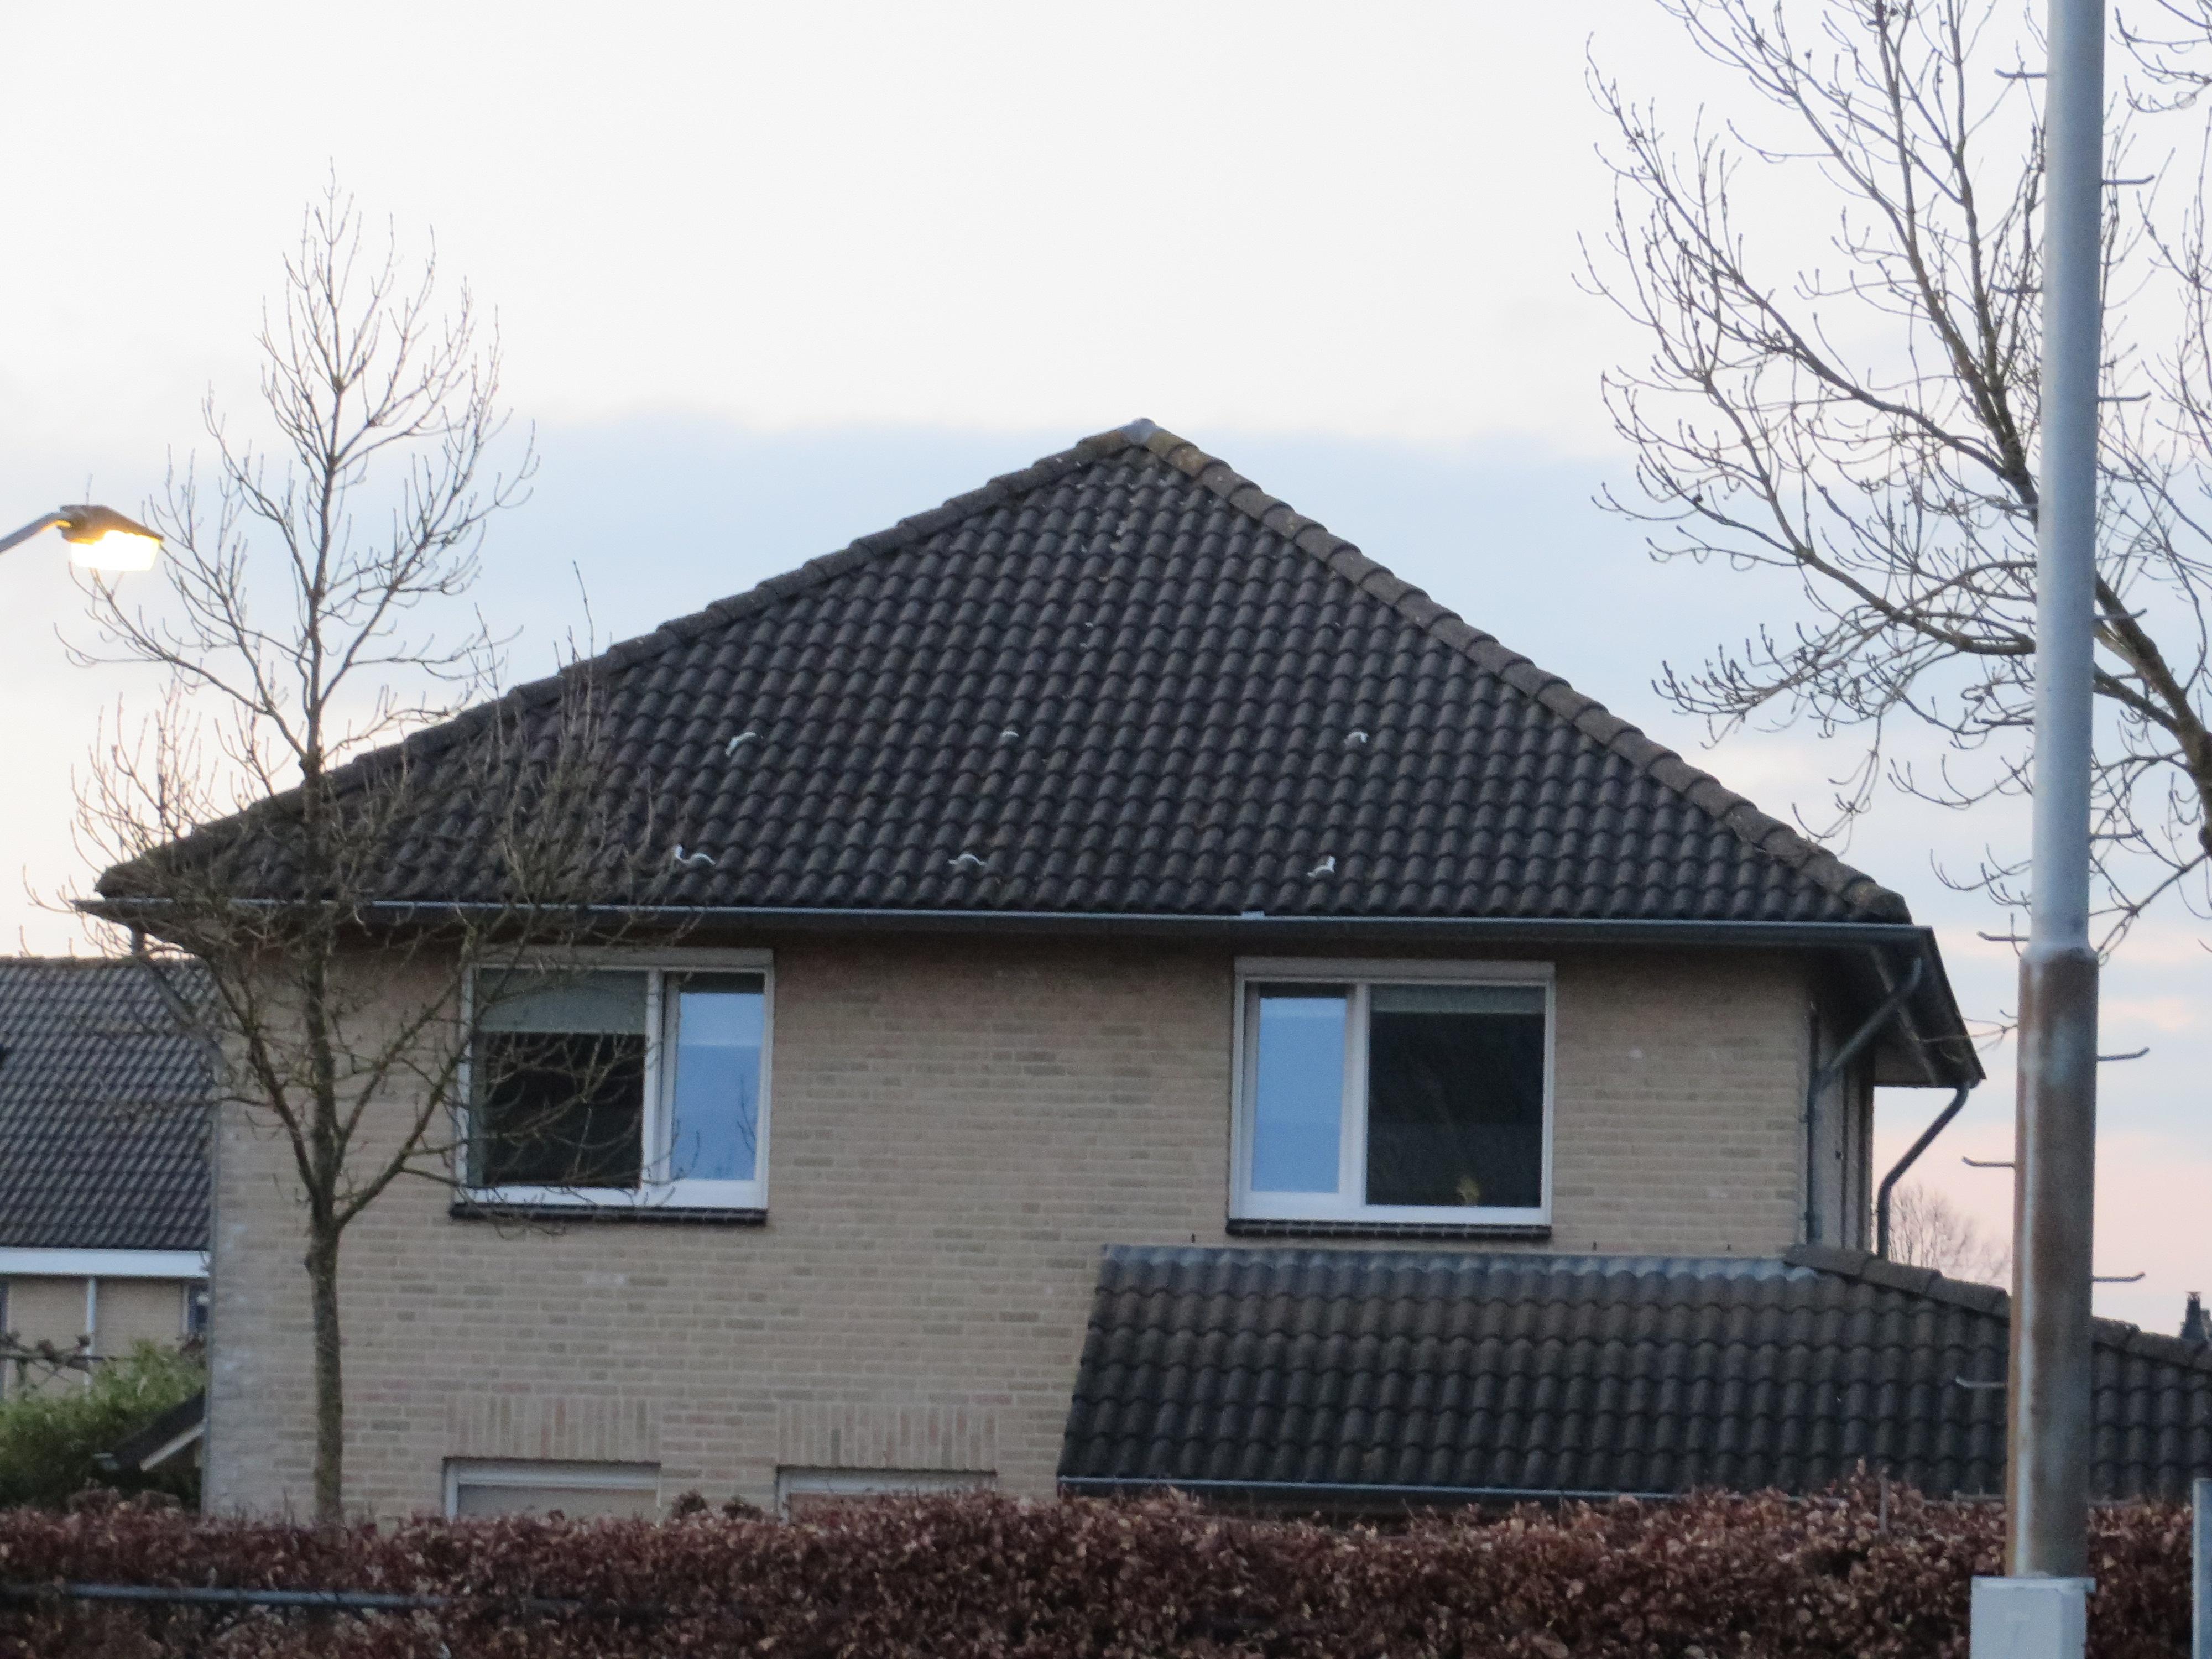 Plaatsingslocatie panelen duurzame energie domotica got - Te vergroten zijn huis met een veranda ...